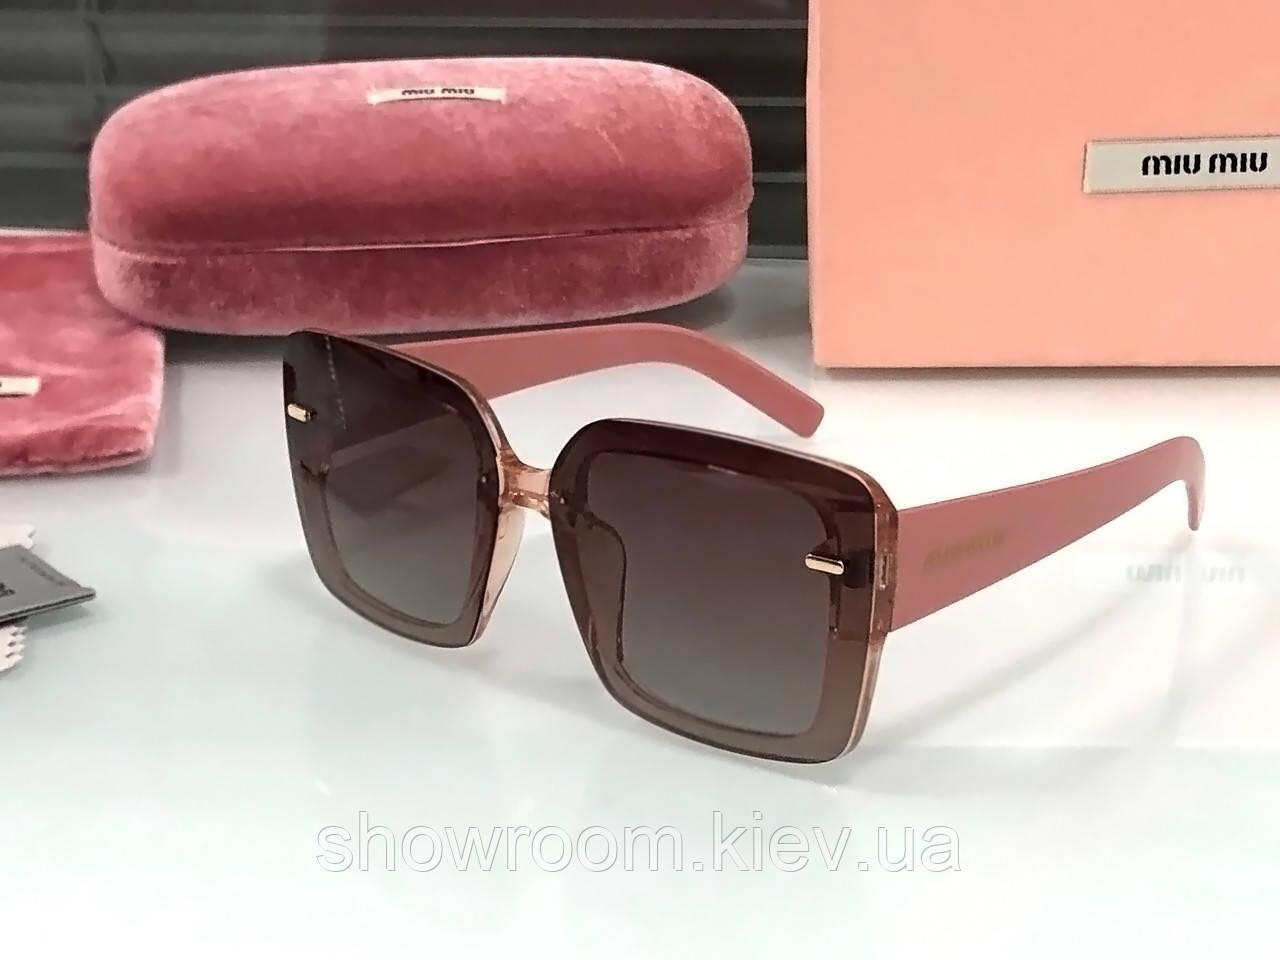 Женские солнцезащитные очки в стиле Miu Miu (902) rose